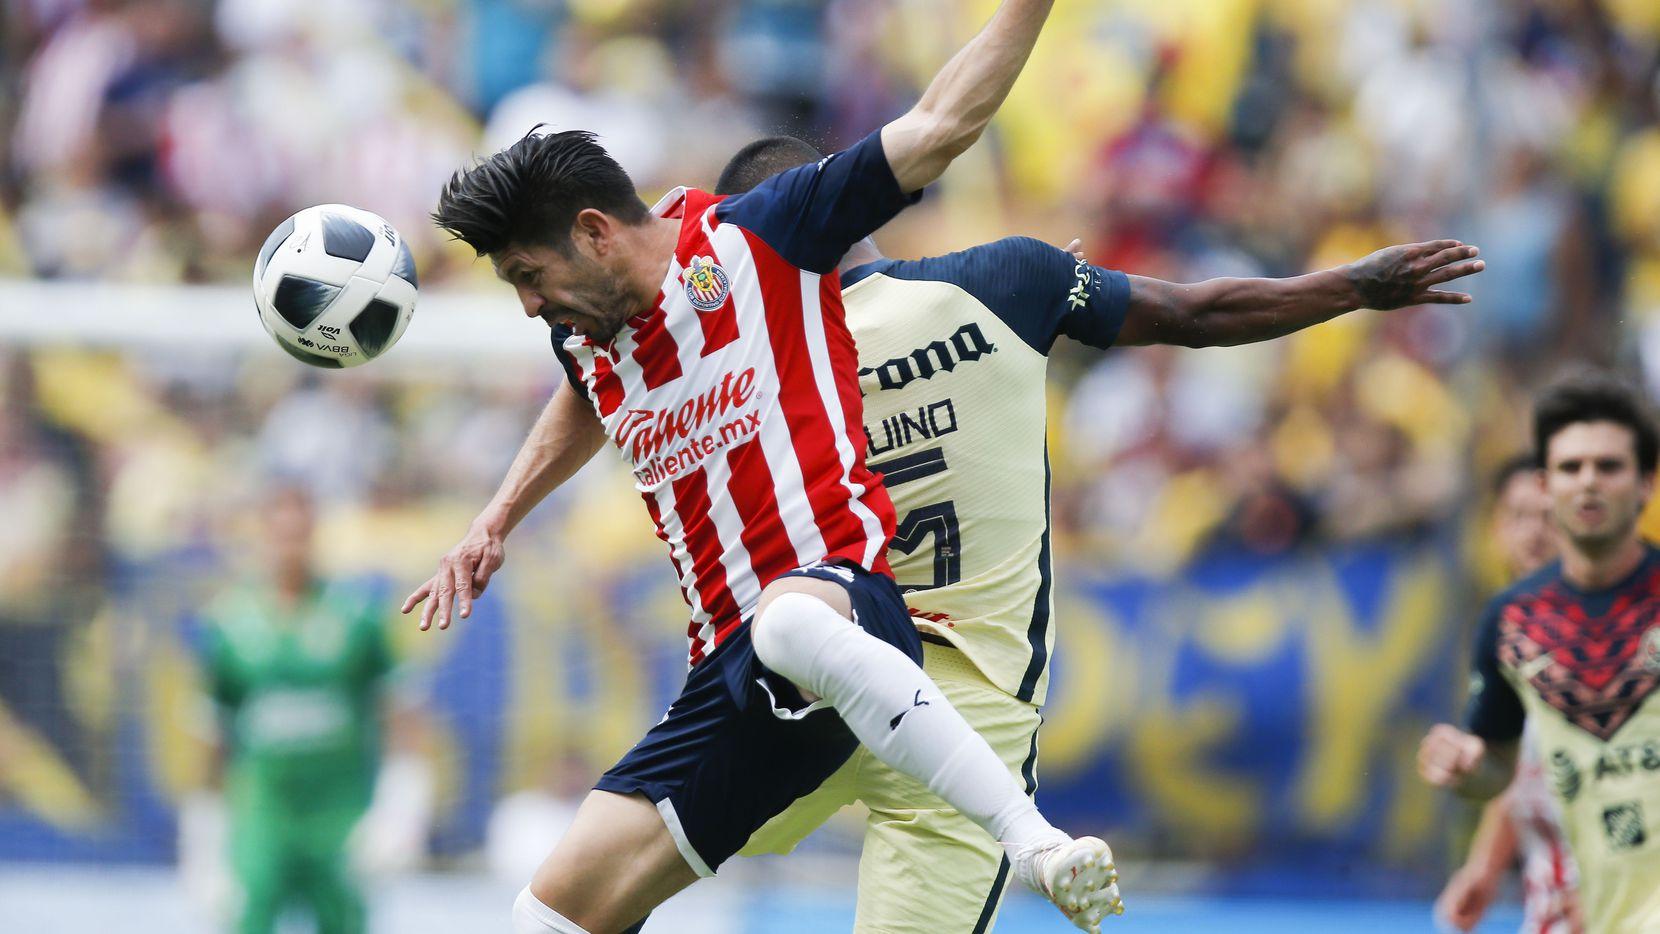 El delantero de Chivas de Guadalajara, Oribe Peralta (izq), pelea un balón con el mediocampista del América, Pedro Aquino, durante la primera mitad de un partido de exhibición en el Cotton Bowl, el domingo 5 de septiembre de 2021. (Brandon Wade / Colaborador especial).